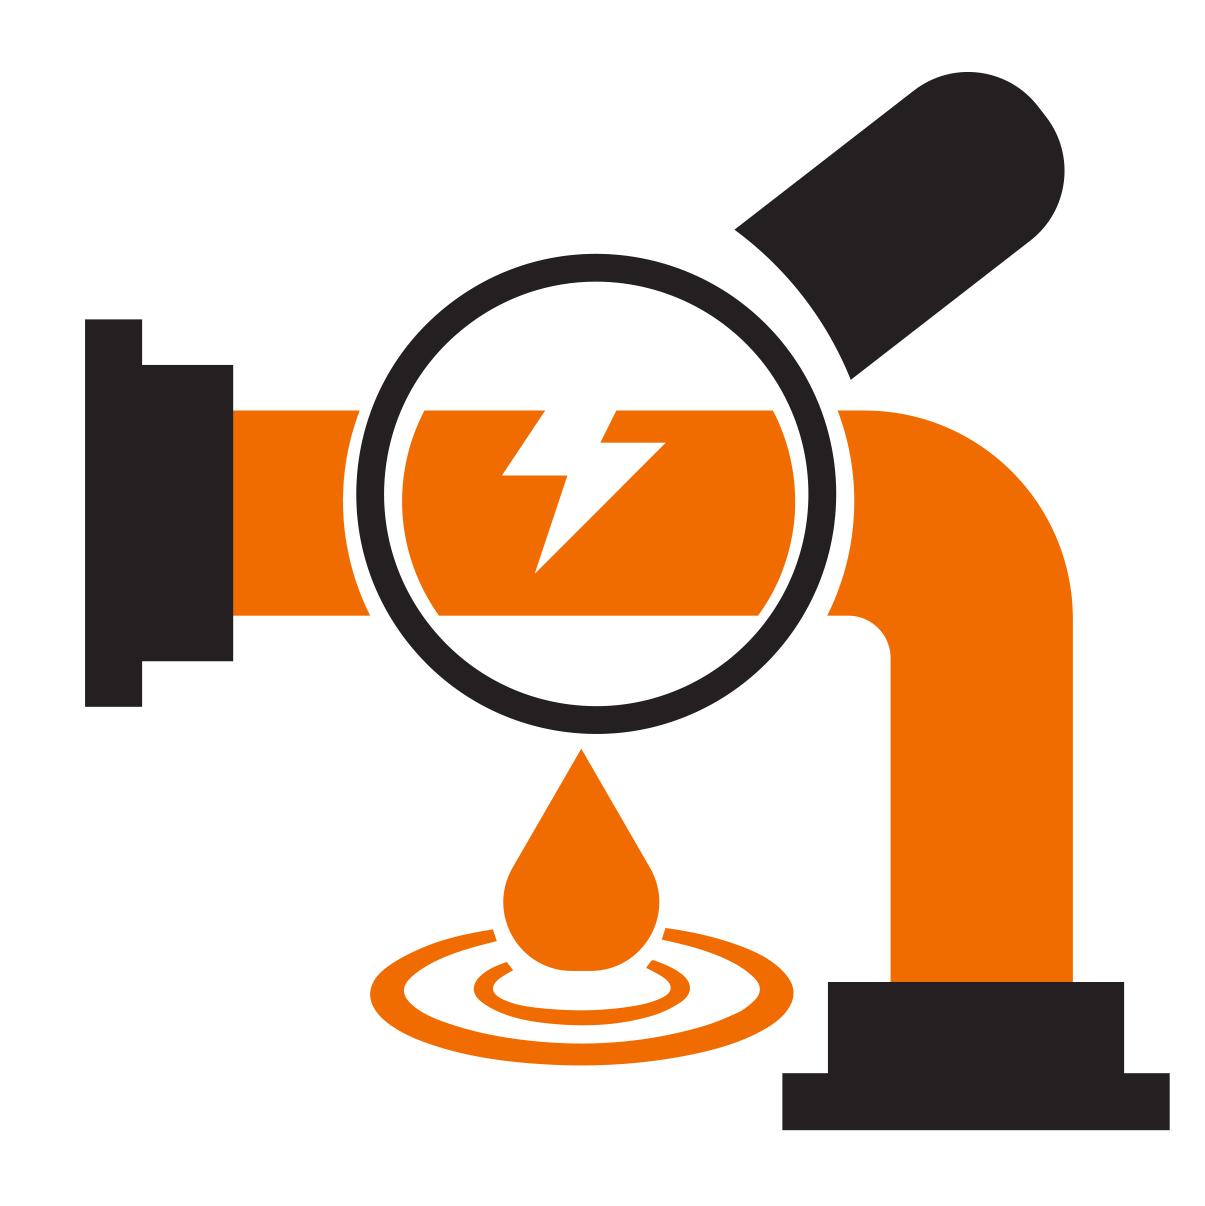 leak detection icon